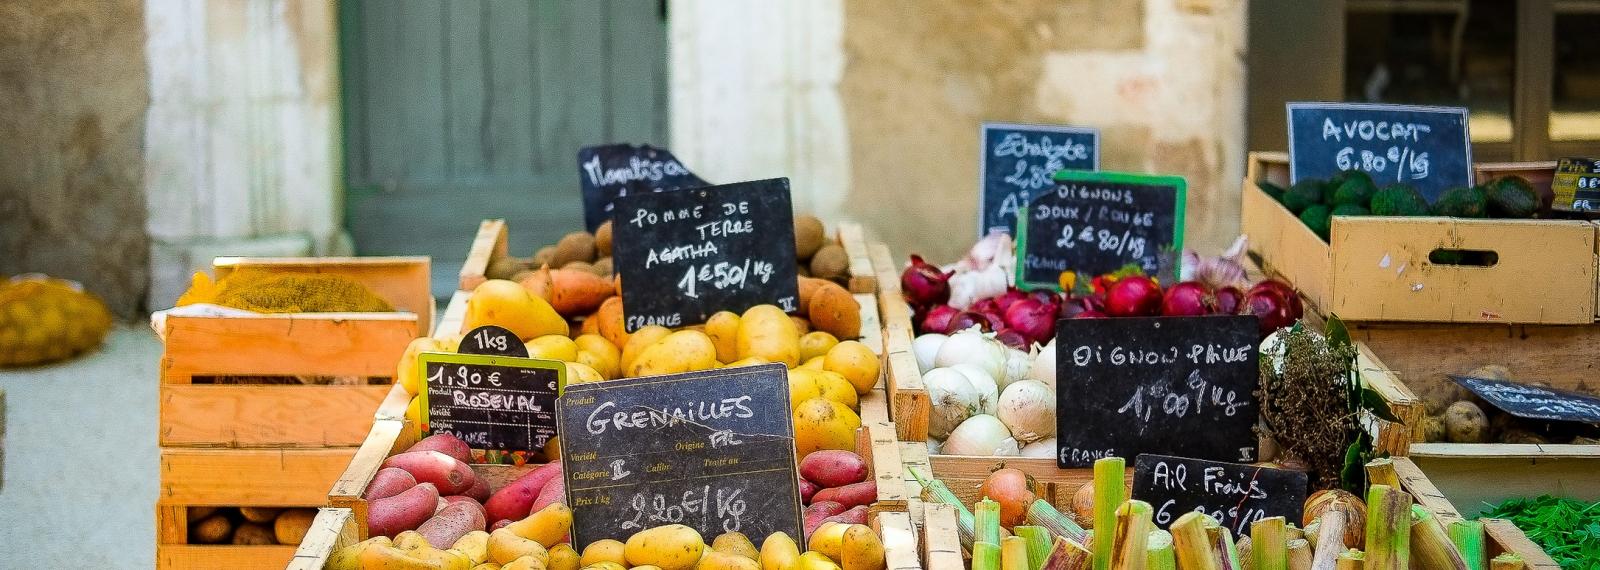 Marché provençal d'Eygalières